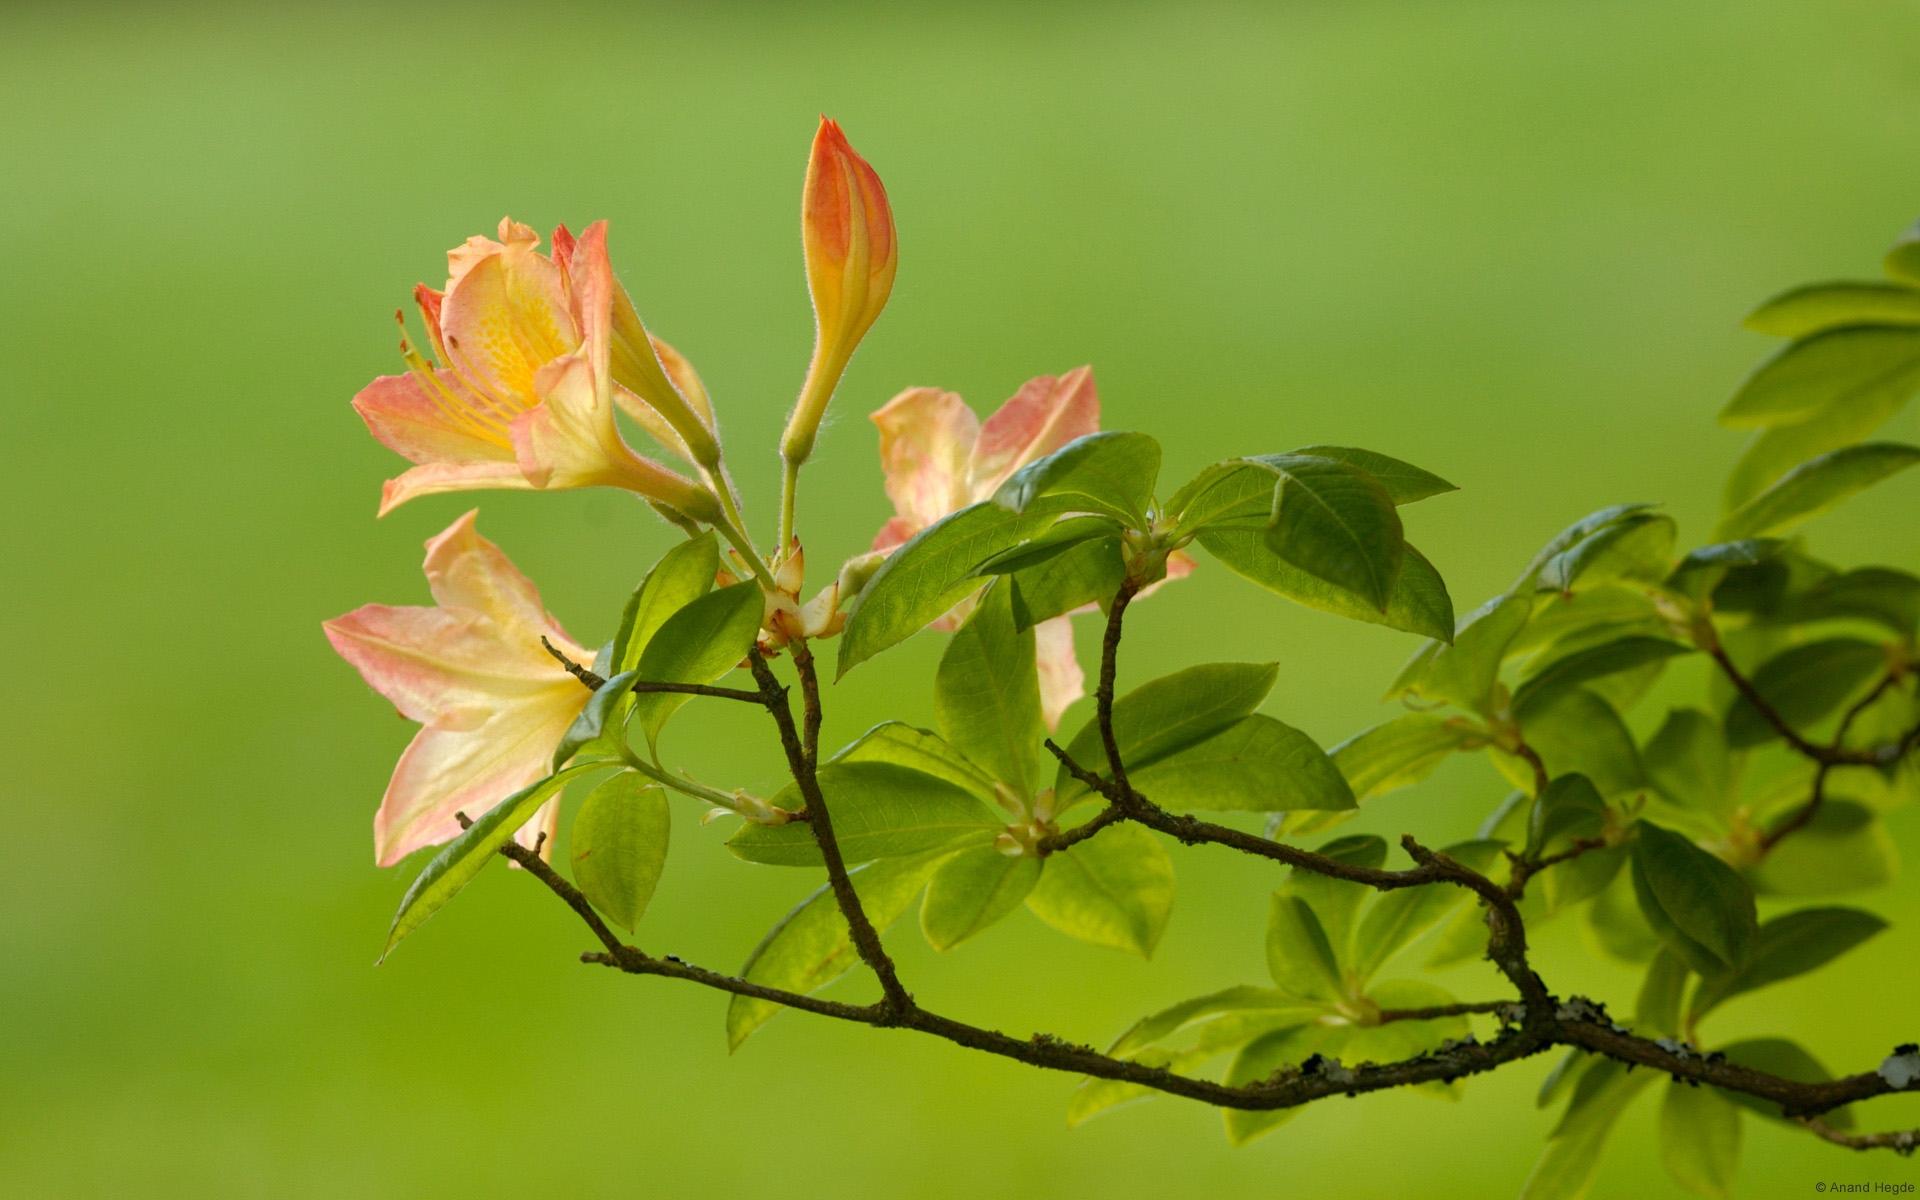 微信自然风景头像花朵